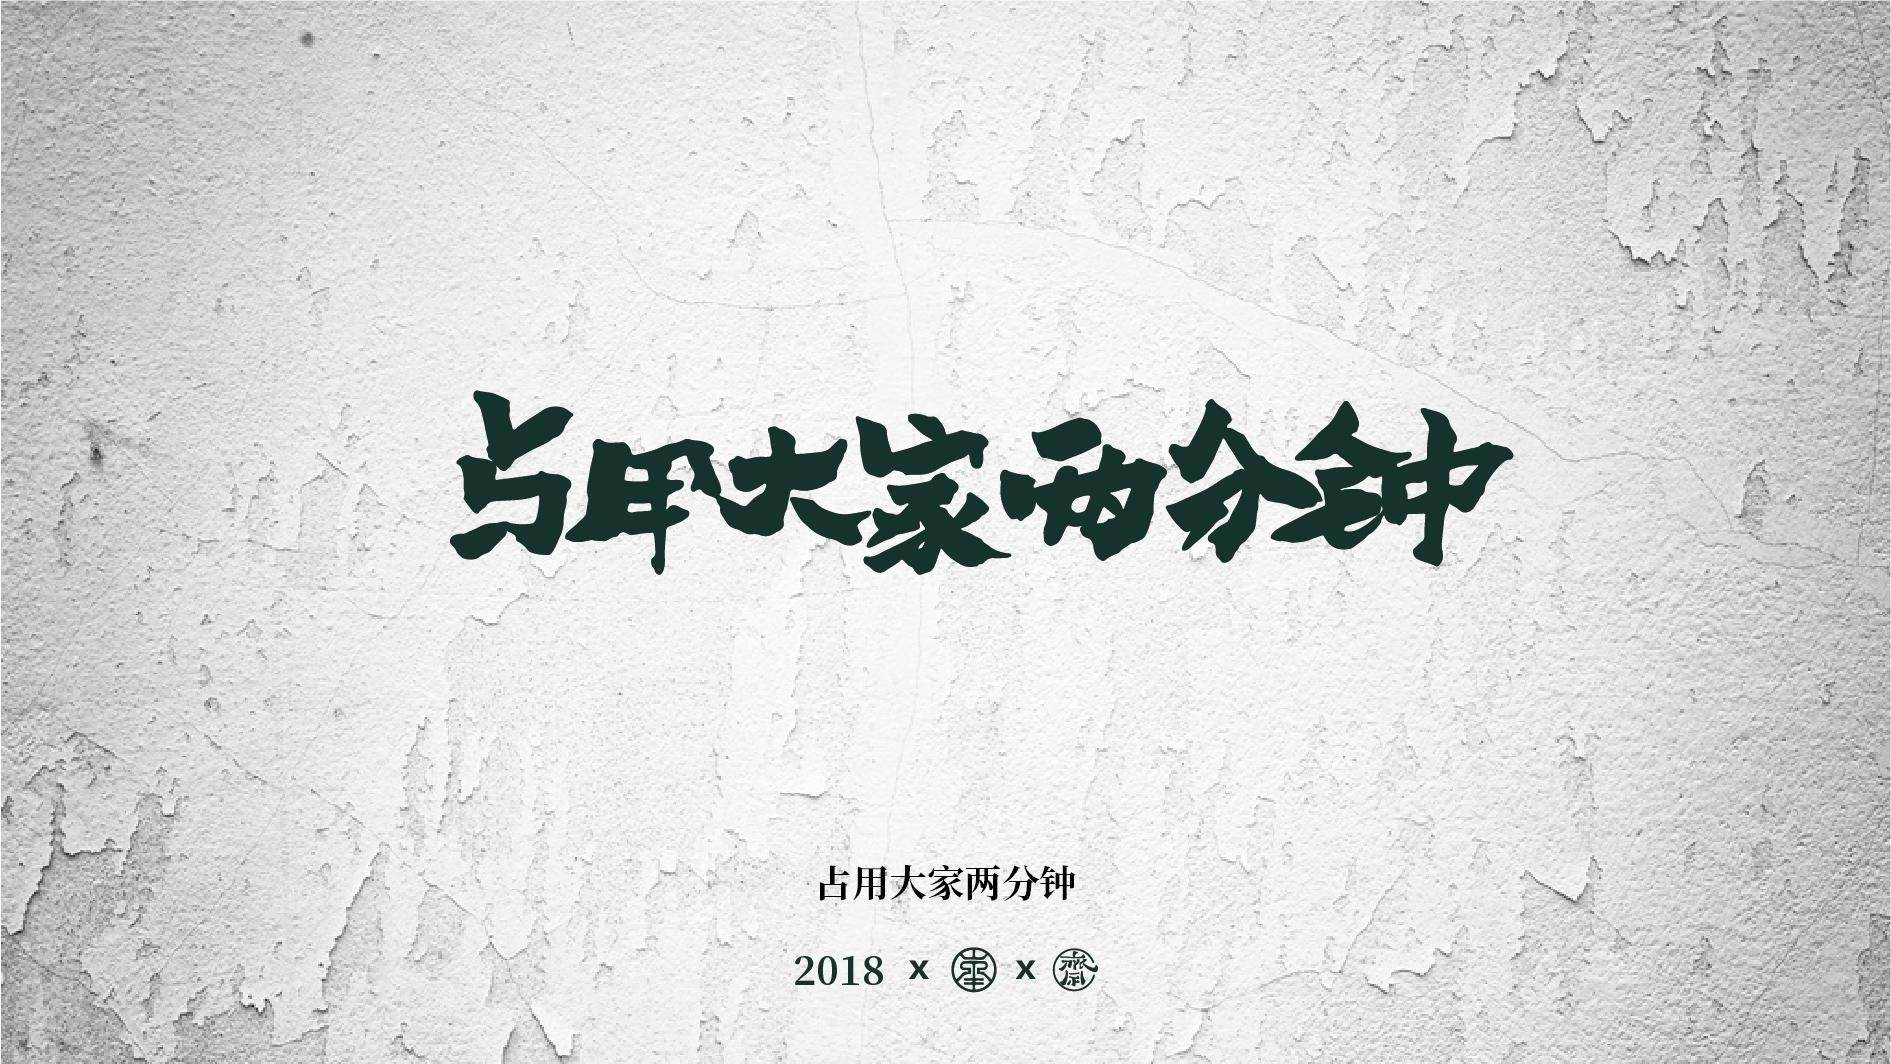 超超大神手写毛笔字第1波 之教师节系列插图(20)